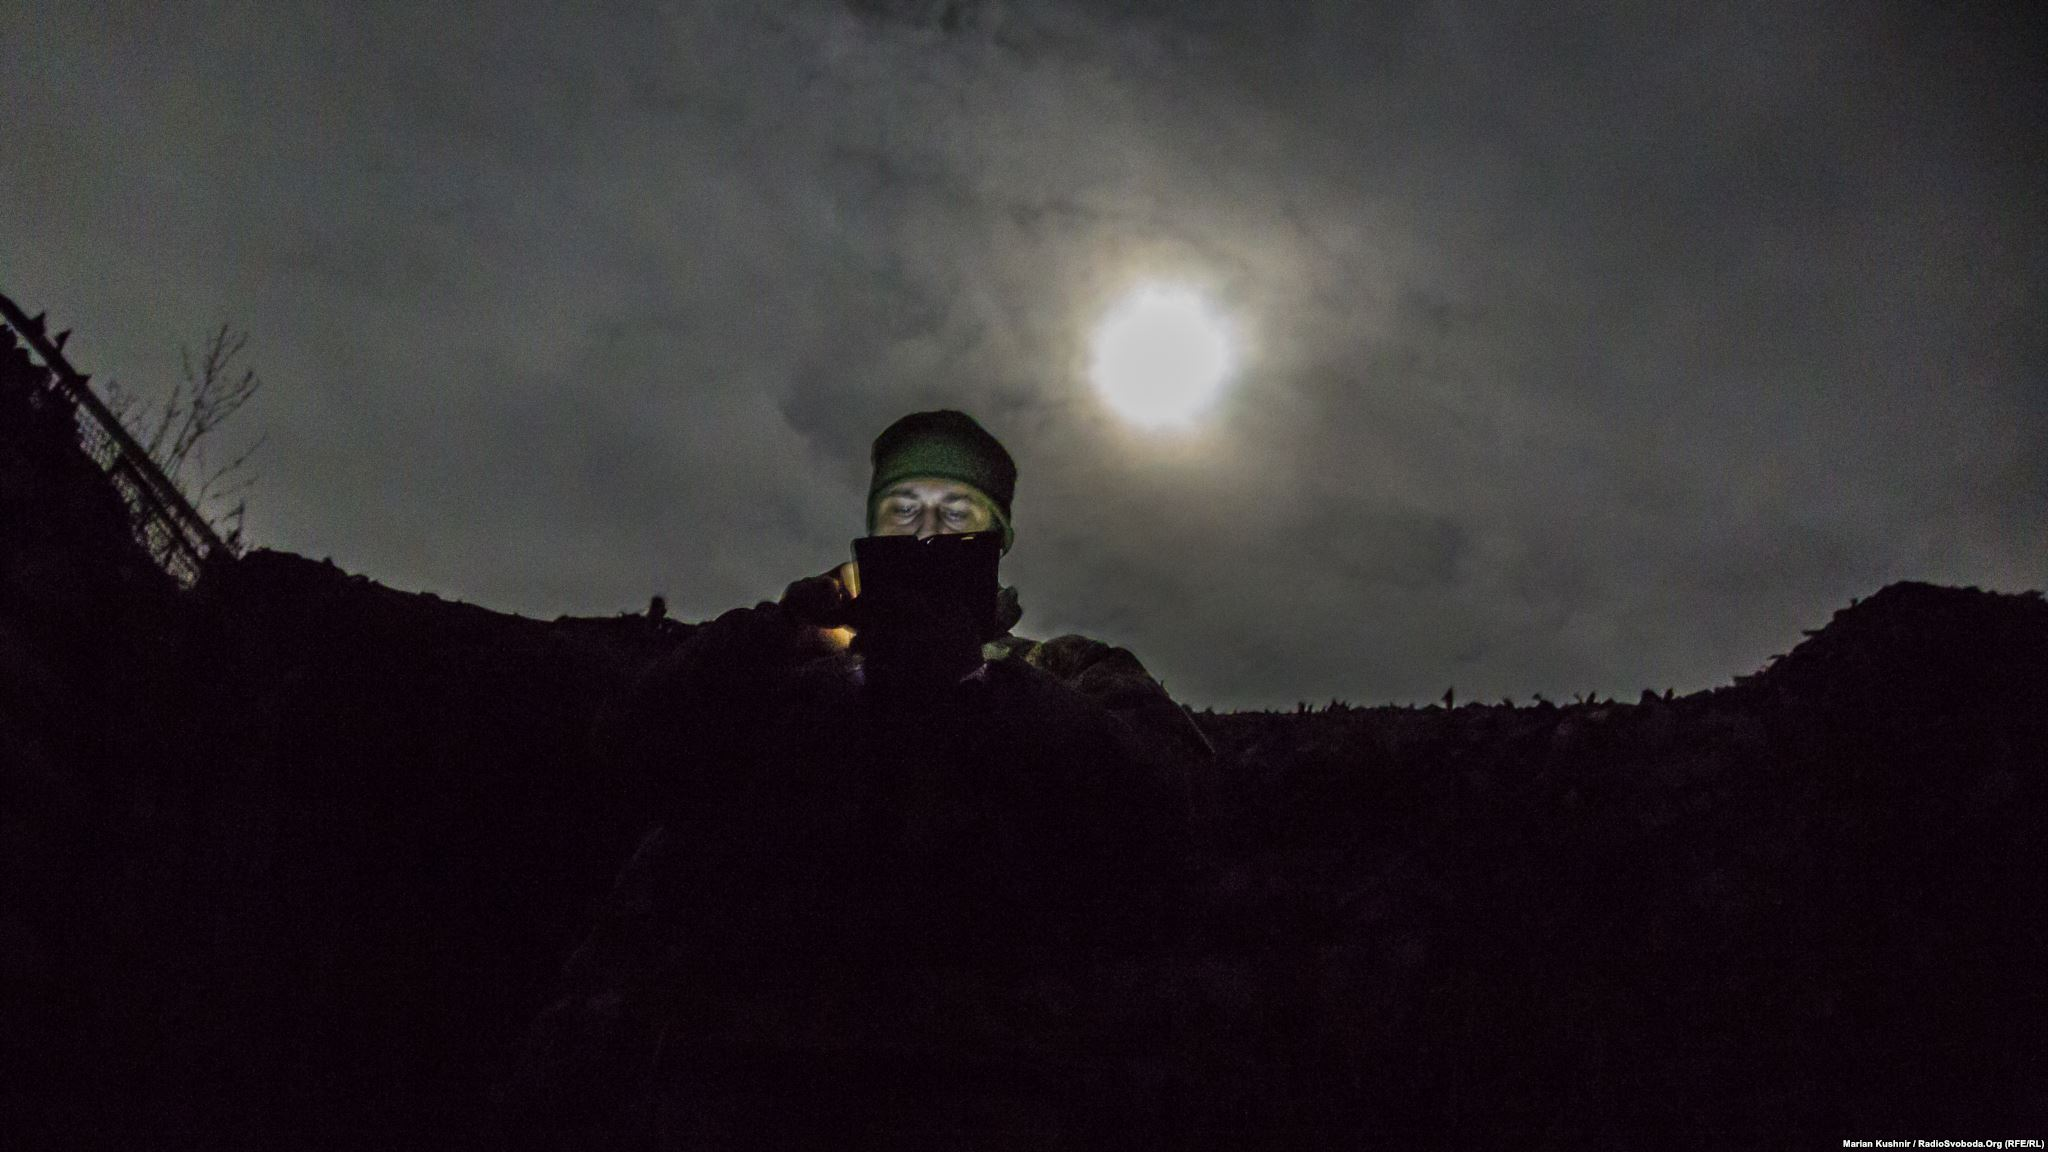 Коли з-за хмарин виринає туманний місяць